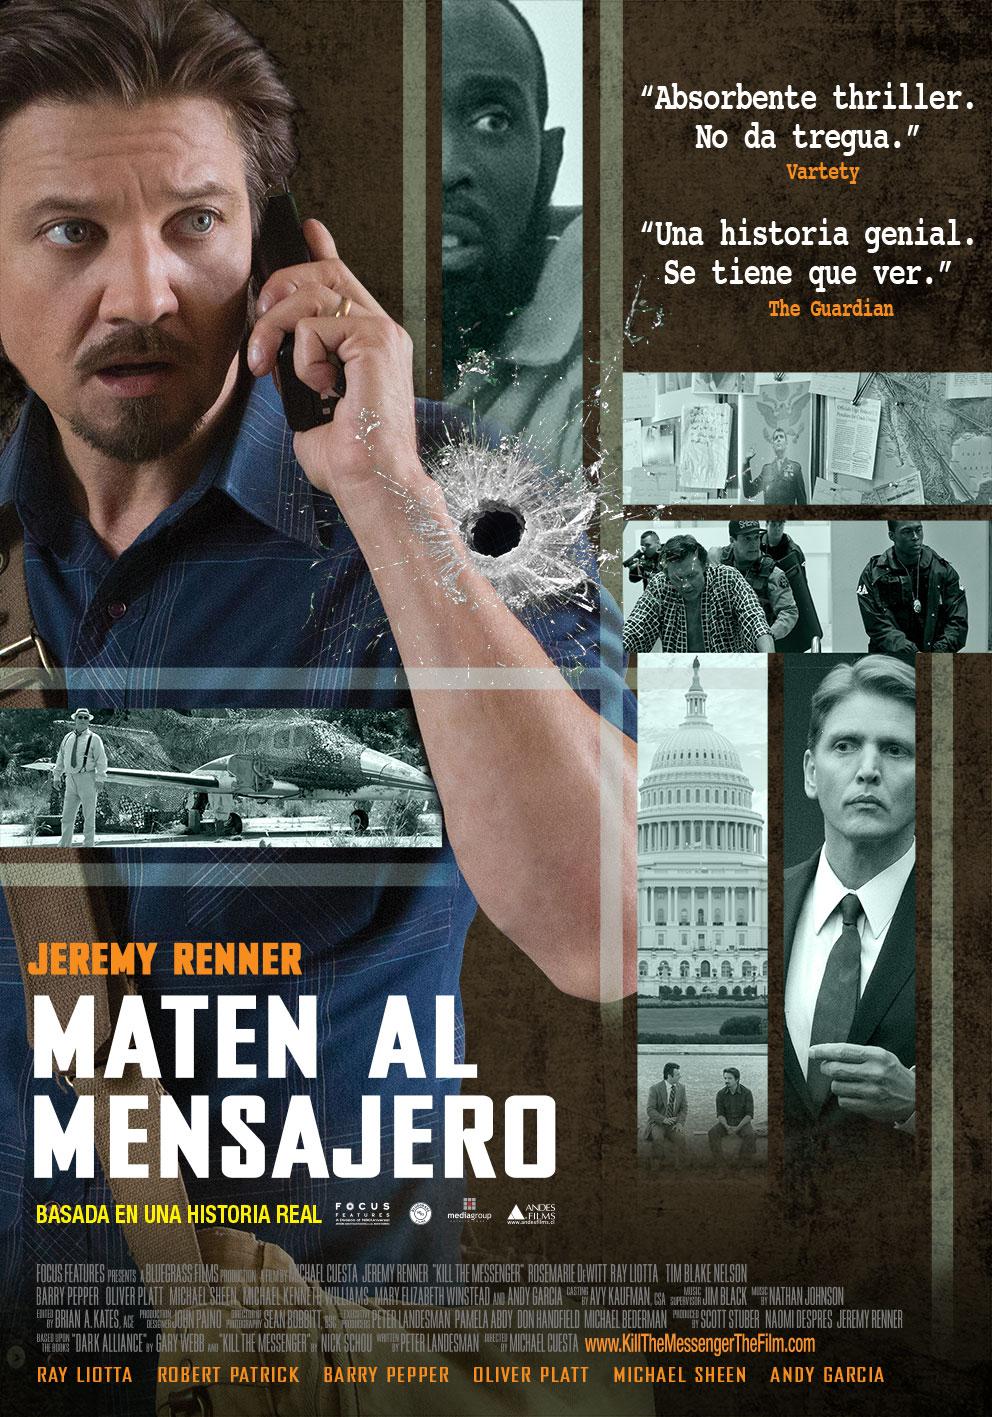 https://www.andesfilms.com.pe/maten-al-mensajero/